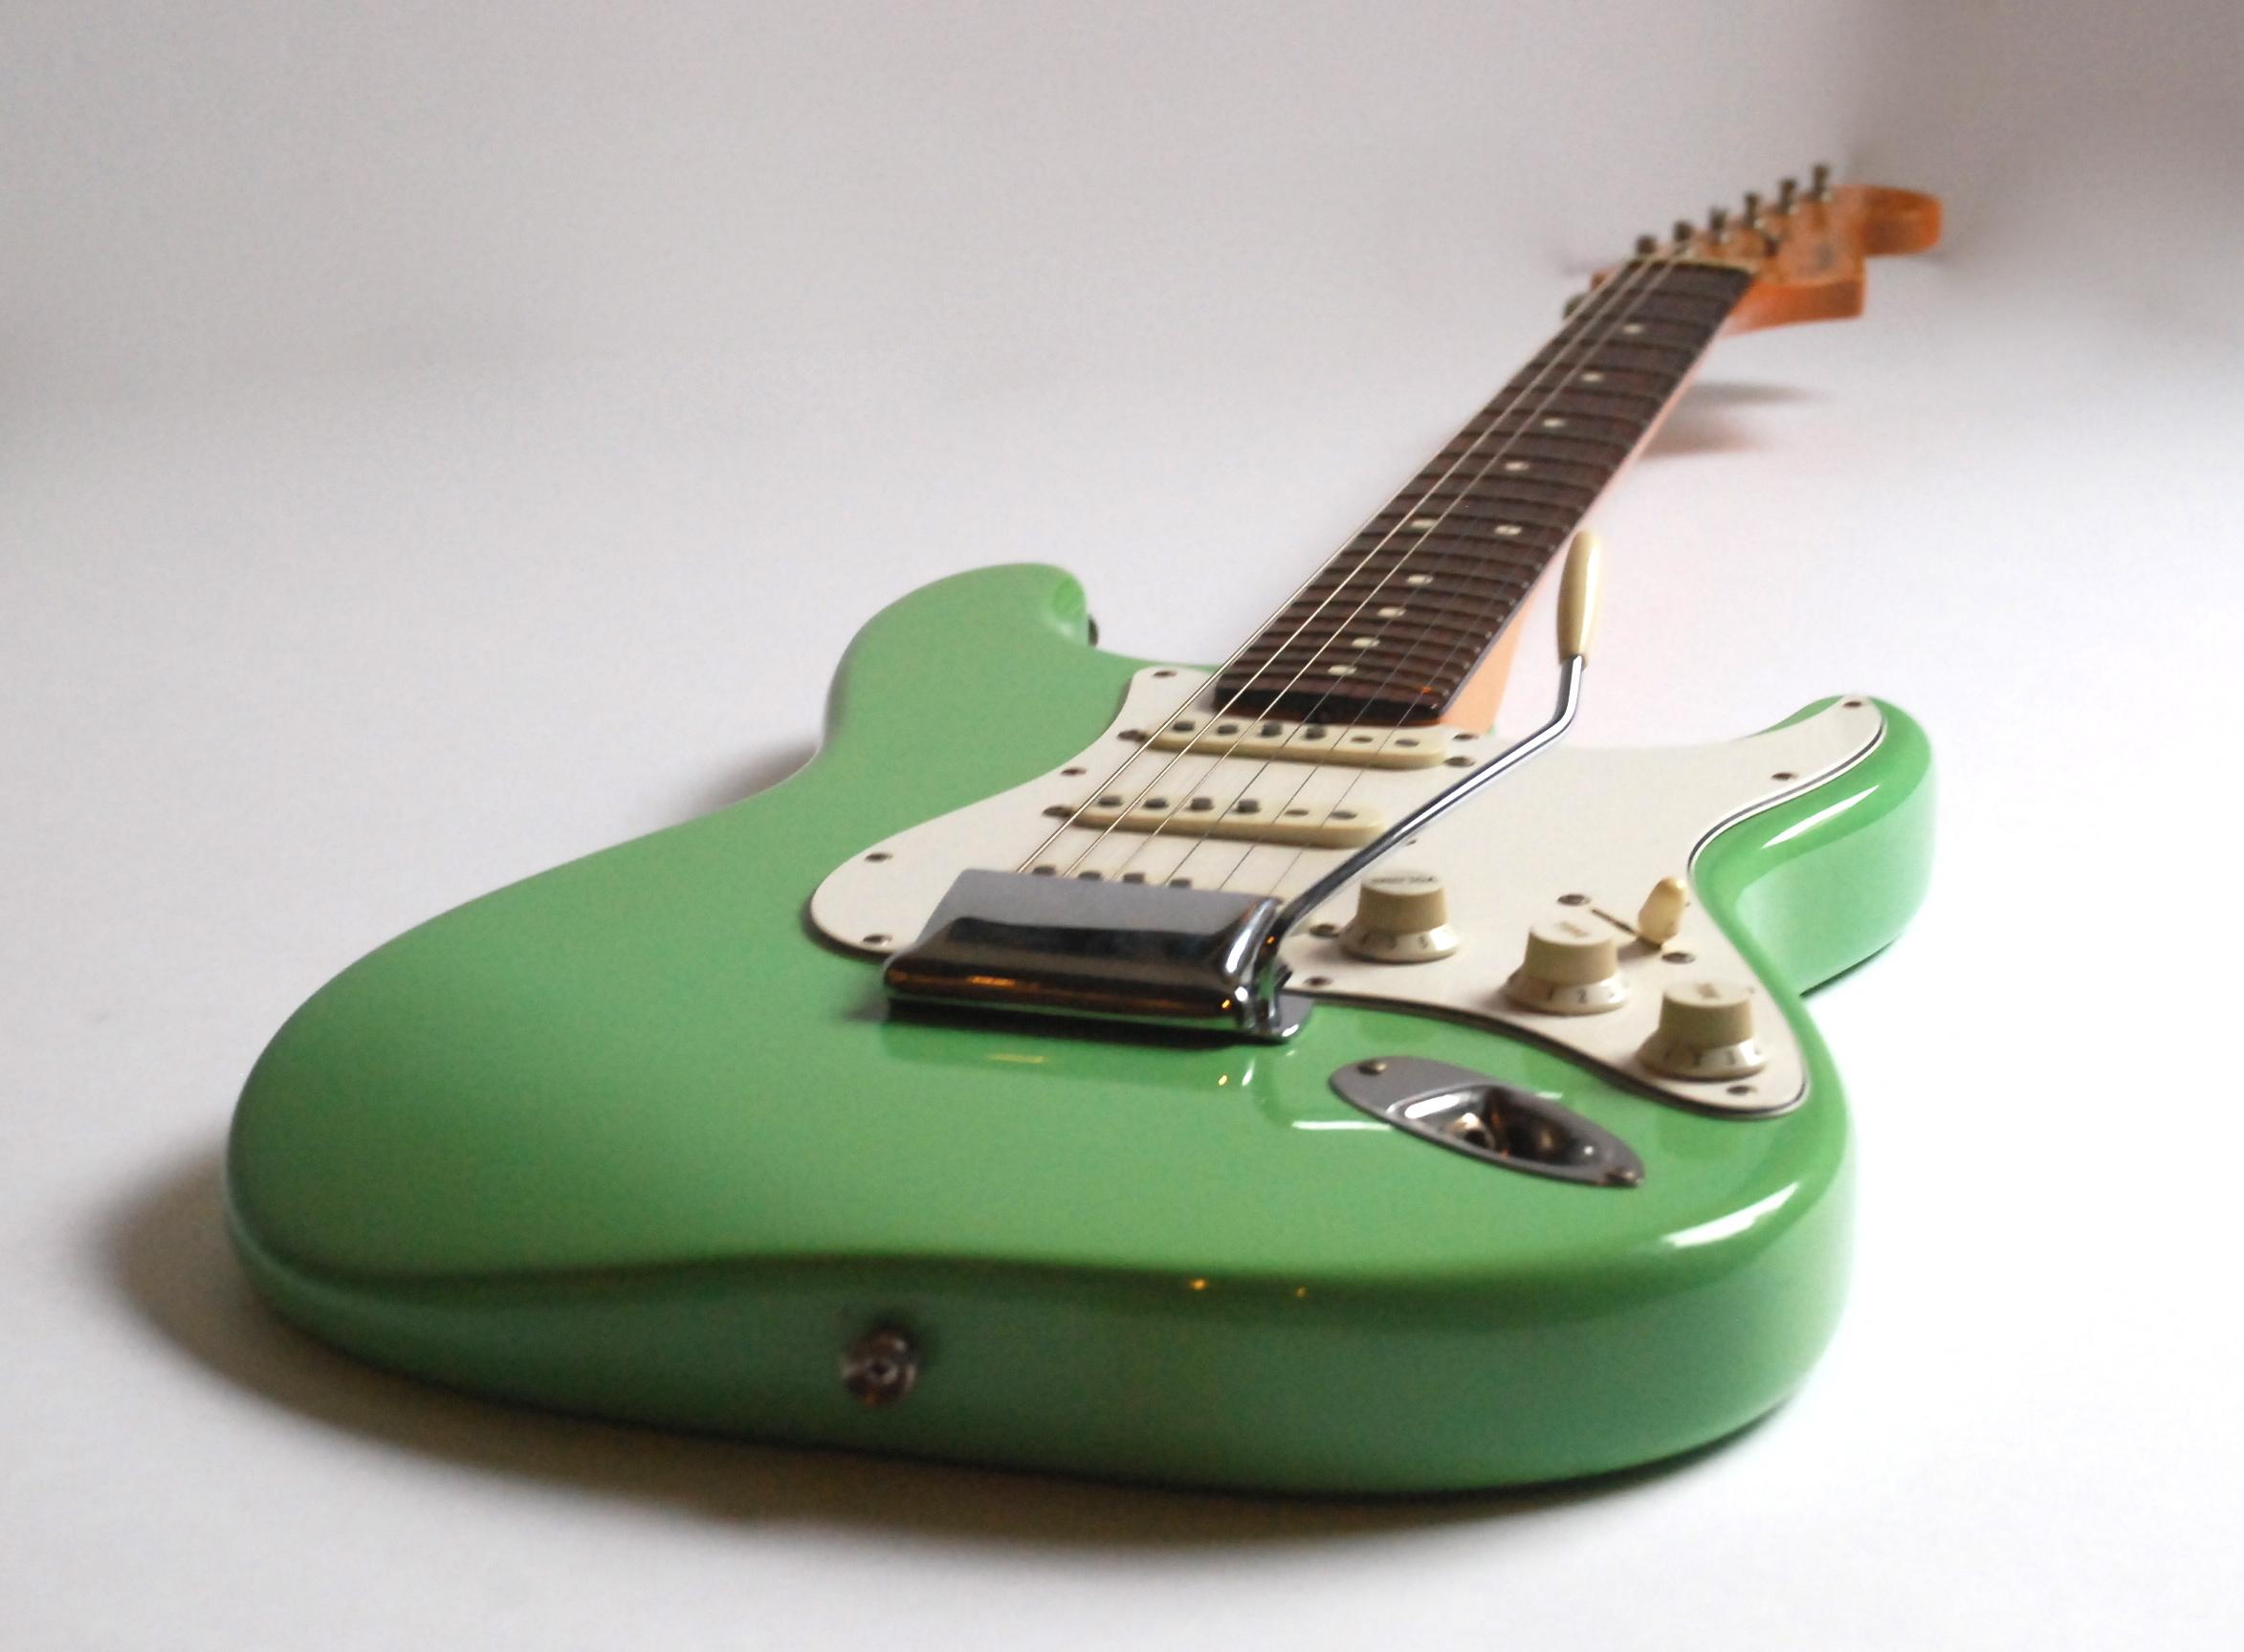 fender american vintage 39 62 stratocaster 2002 sea foam green guitar for sale bass n guitar. Black Bedroom Furniture Sets. Home Design Ideas